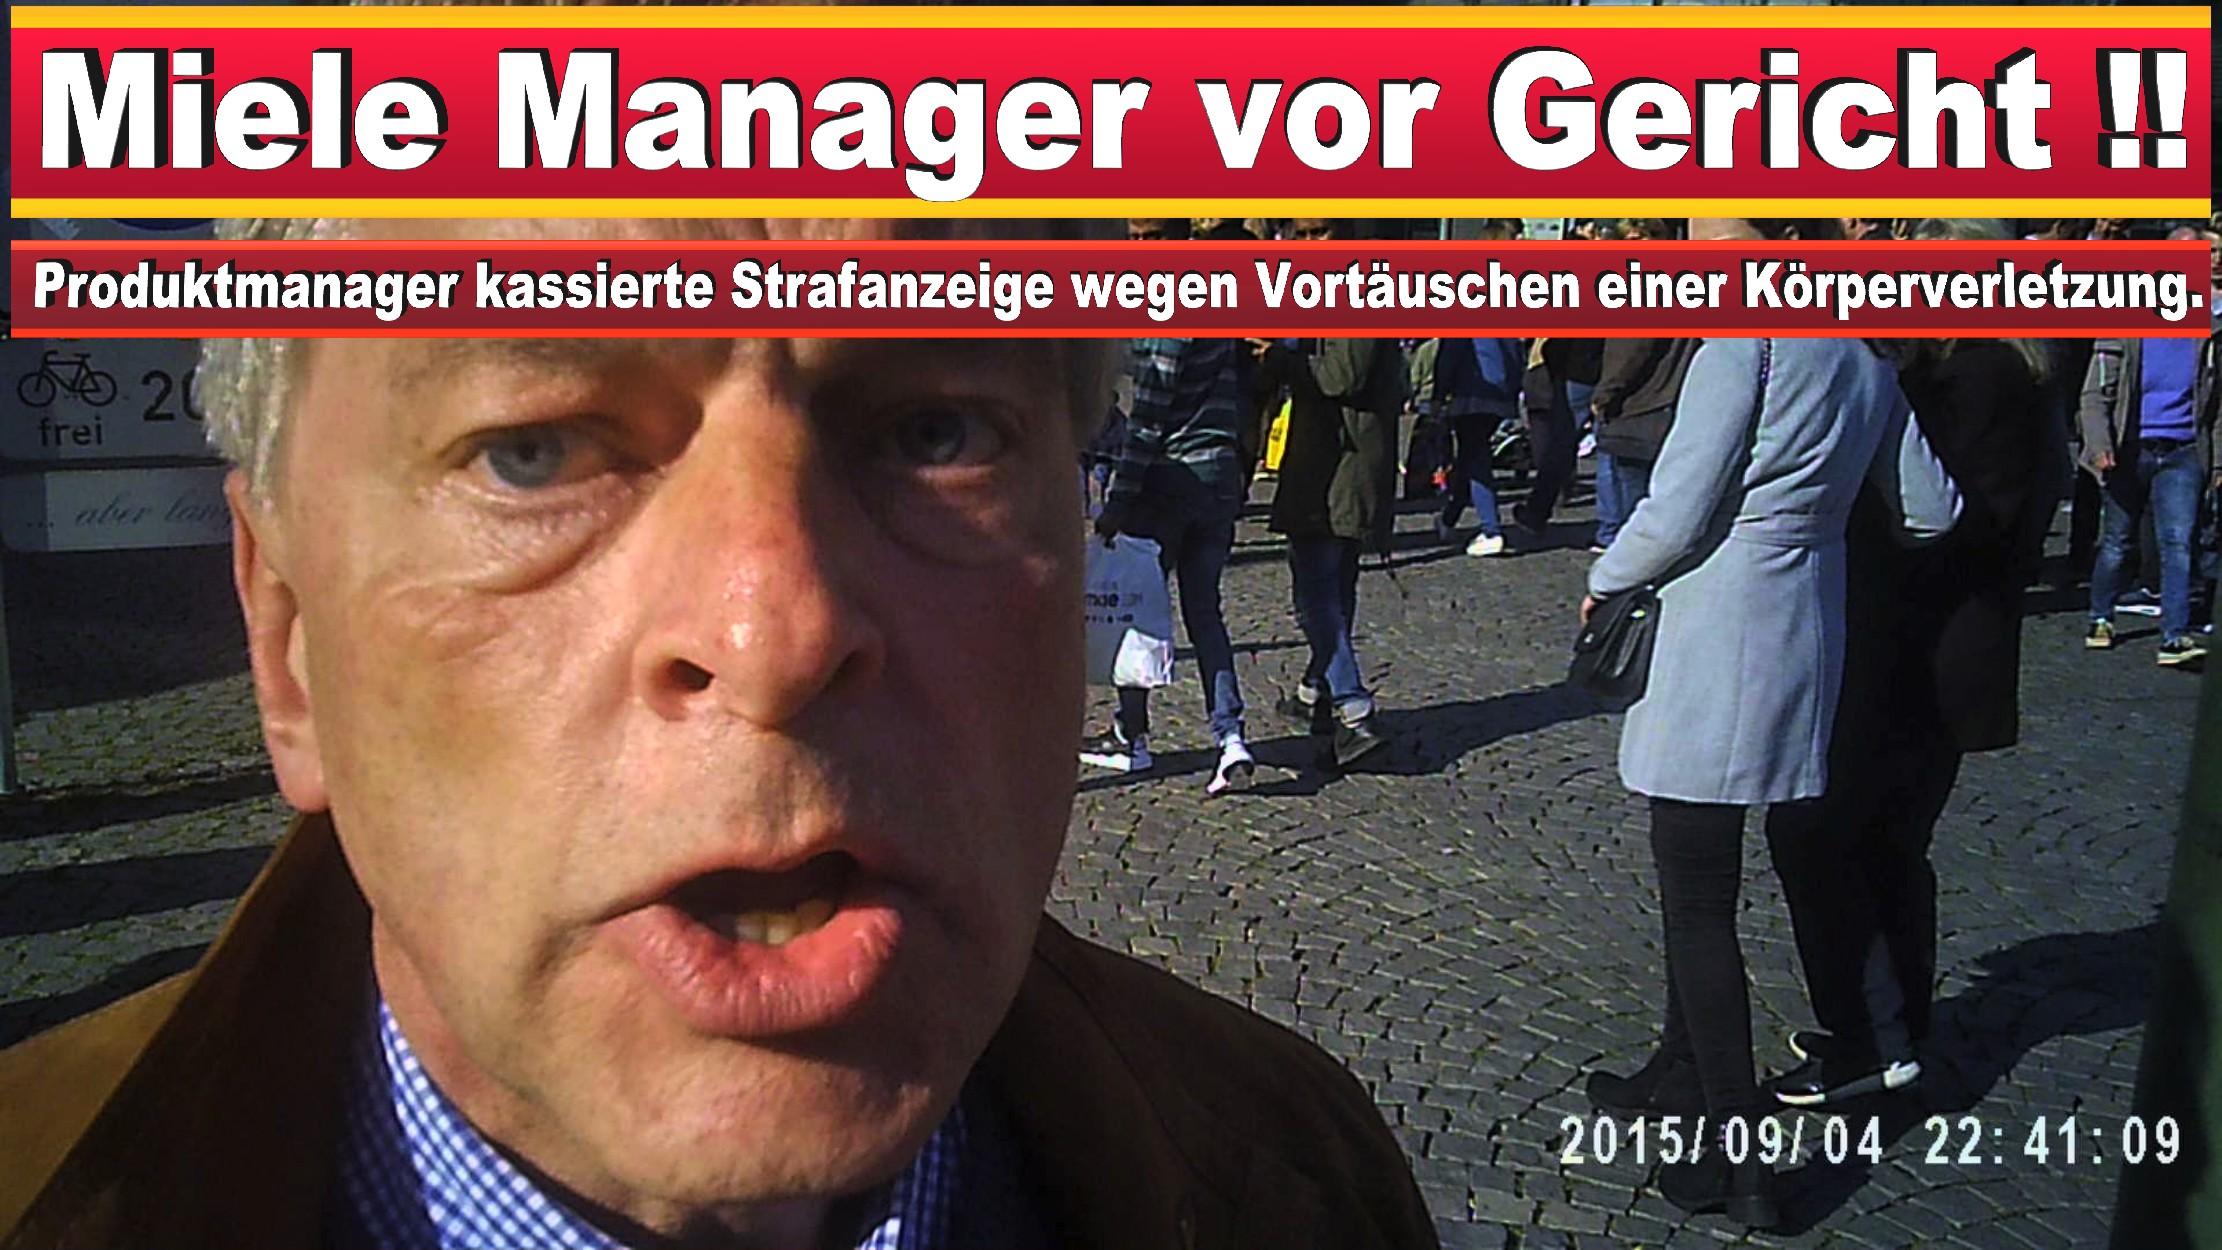 MICHAEL WEBER CDU BIELEFELD GEWALTAUSBRUCH UND STRAFANZEIGE (19)